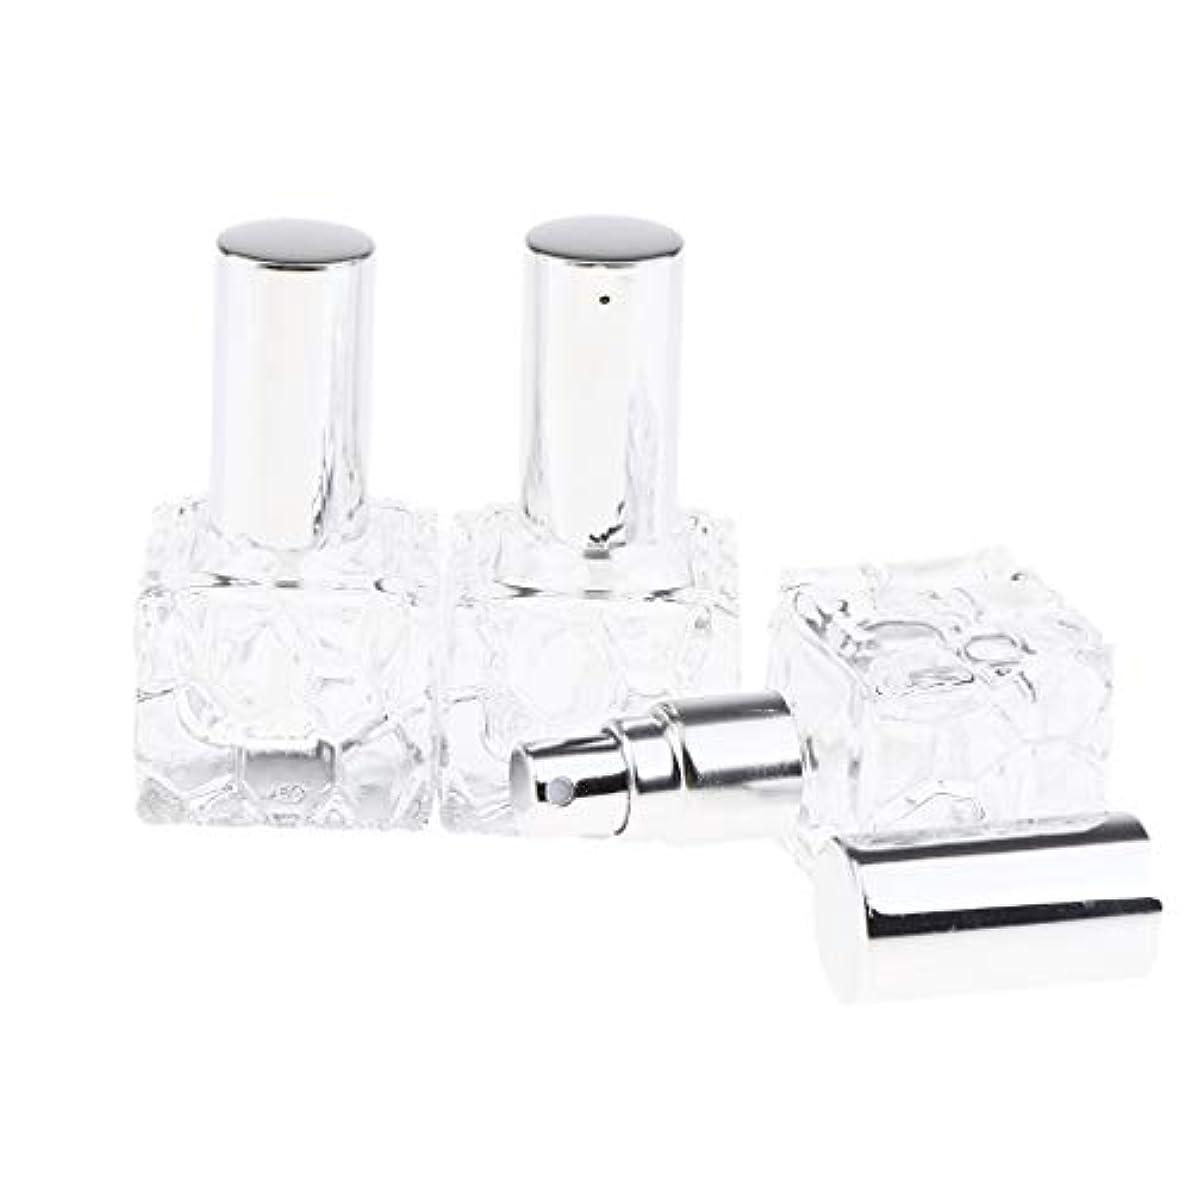 排他的バナー批判的Injoyo スプレーボトル ガラス 香水瓶 ポンプ式 アトマイザー 香水 保存 アロマ保存容器 2種選択でき - 10ml 3個